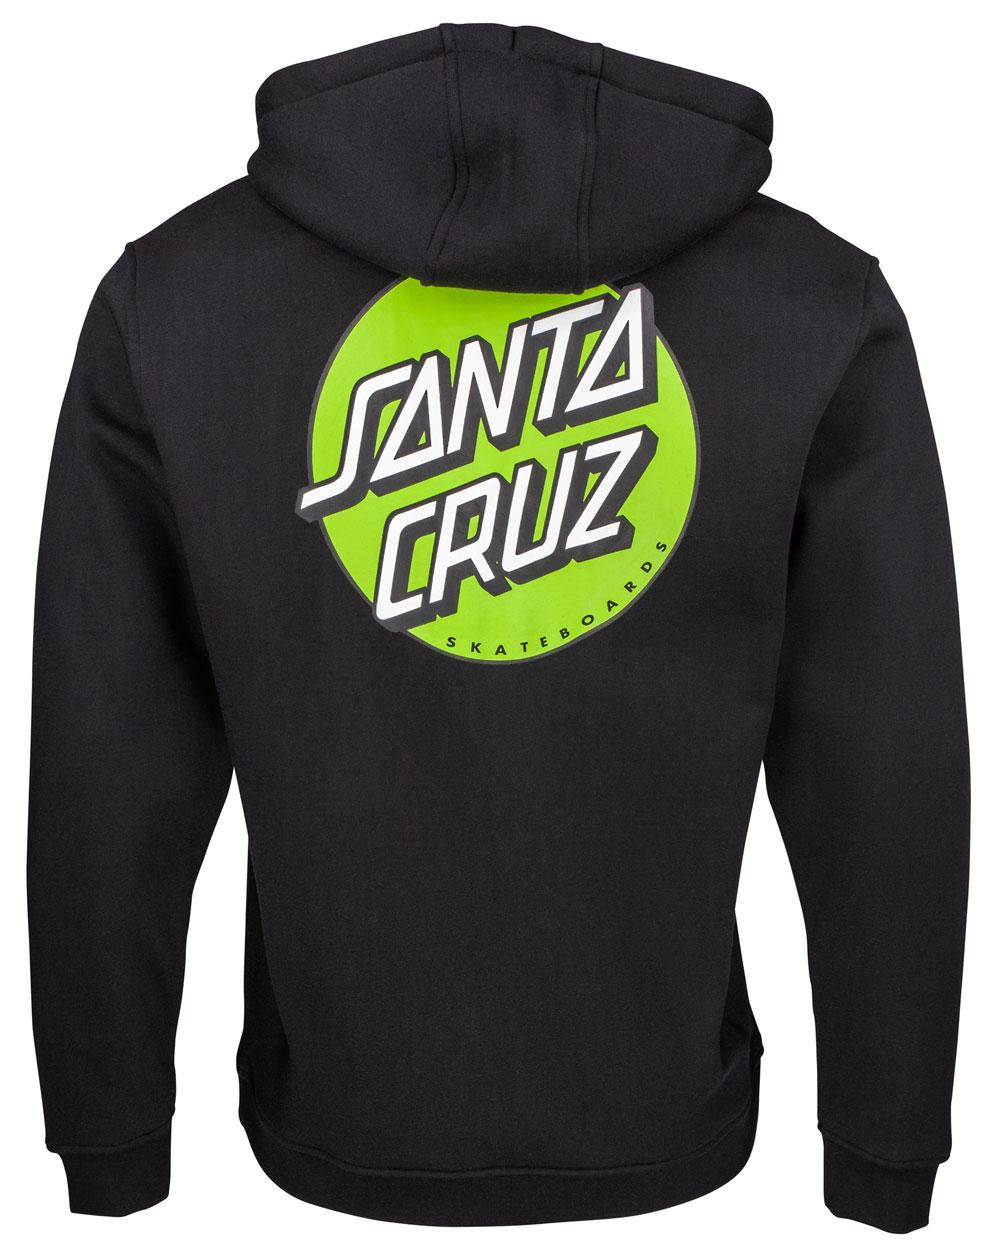 Santa Cruz Other Dot Moleton com Capuz para Homem Black